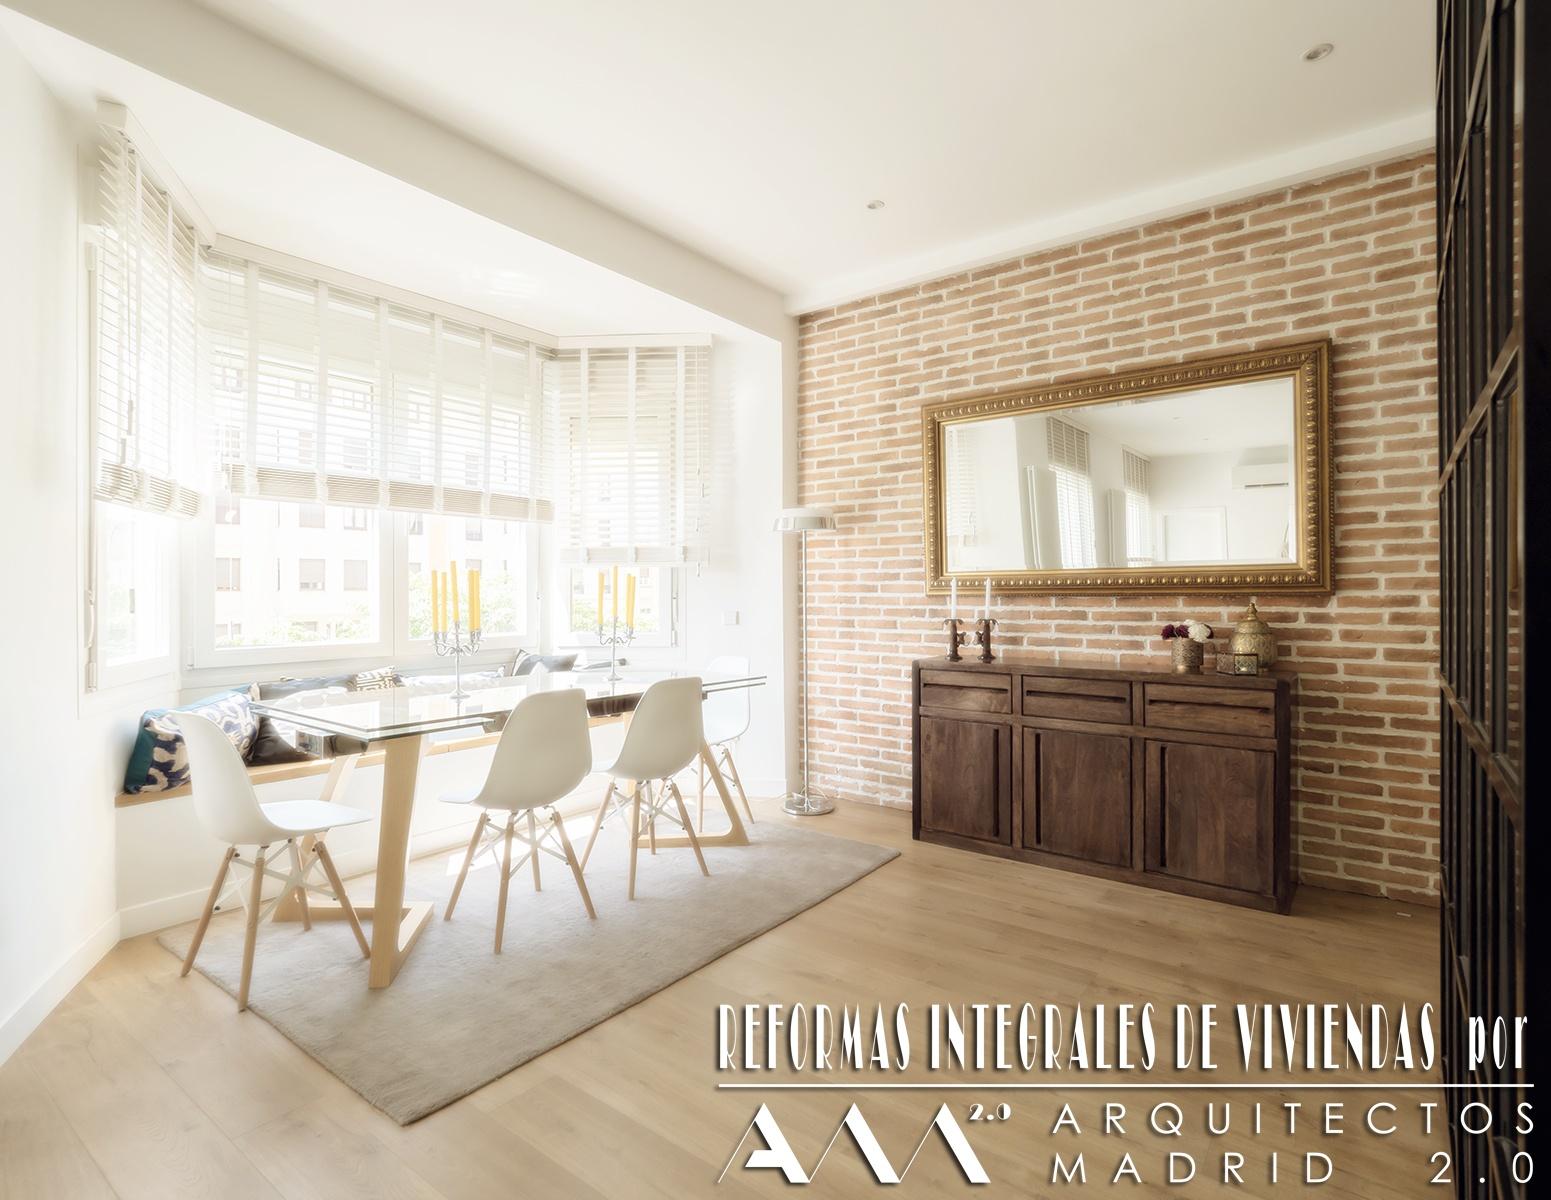 reformas-viviendas-proyectos-casas-pisos-apartamentos-arquitectos-madrid-17